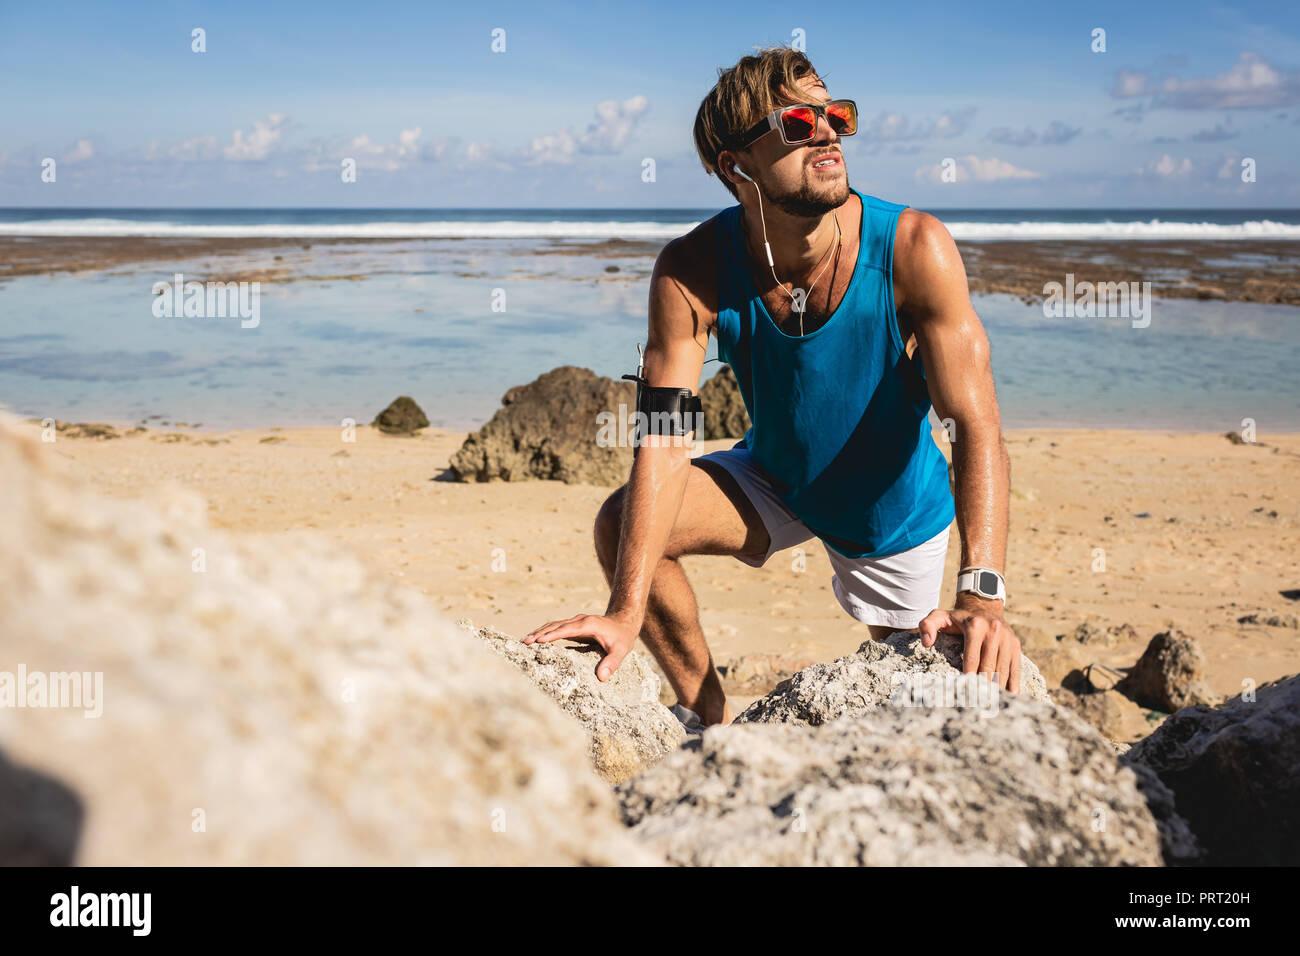 Sportivo cercando mentre la scalata su roccia sulla spiaggia, Bali, Indonesia Immagini Stock